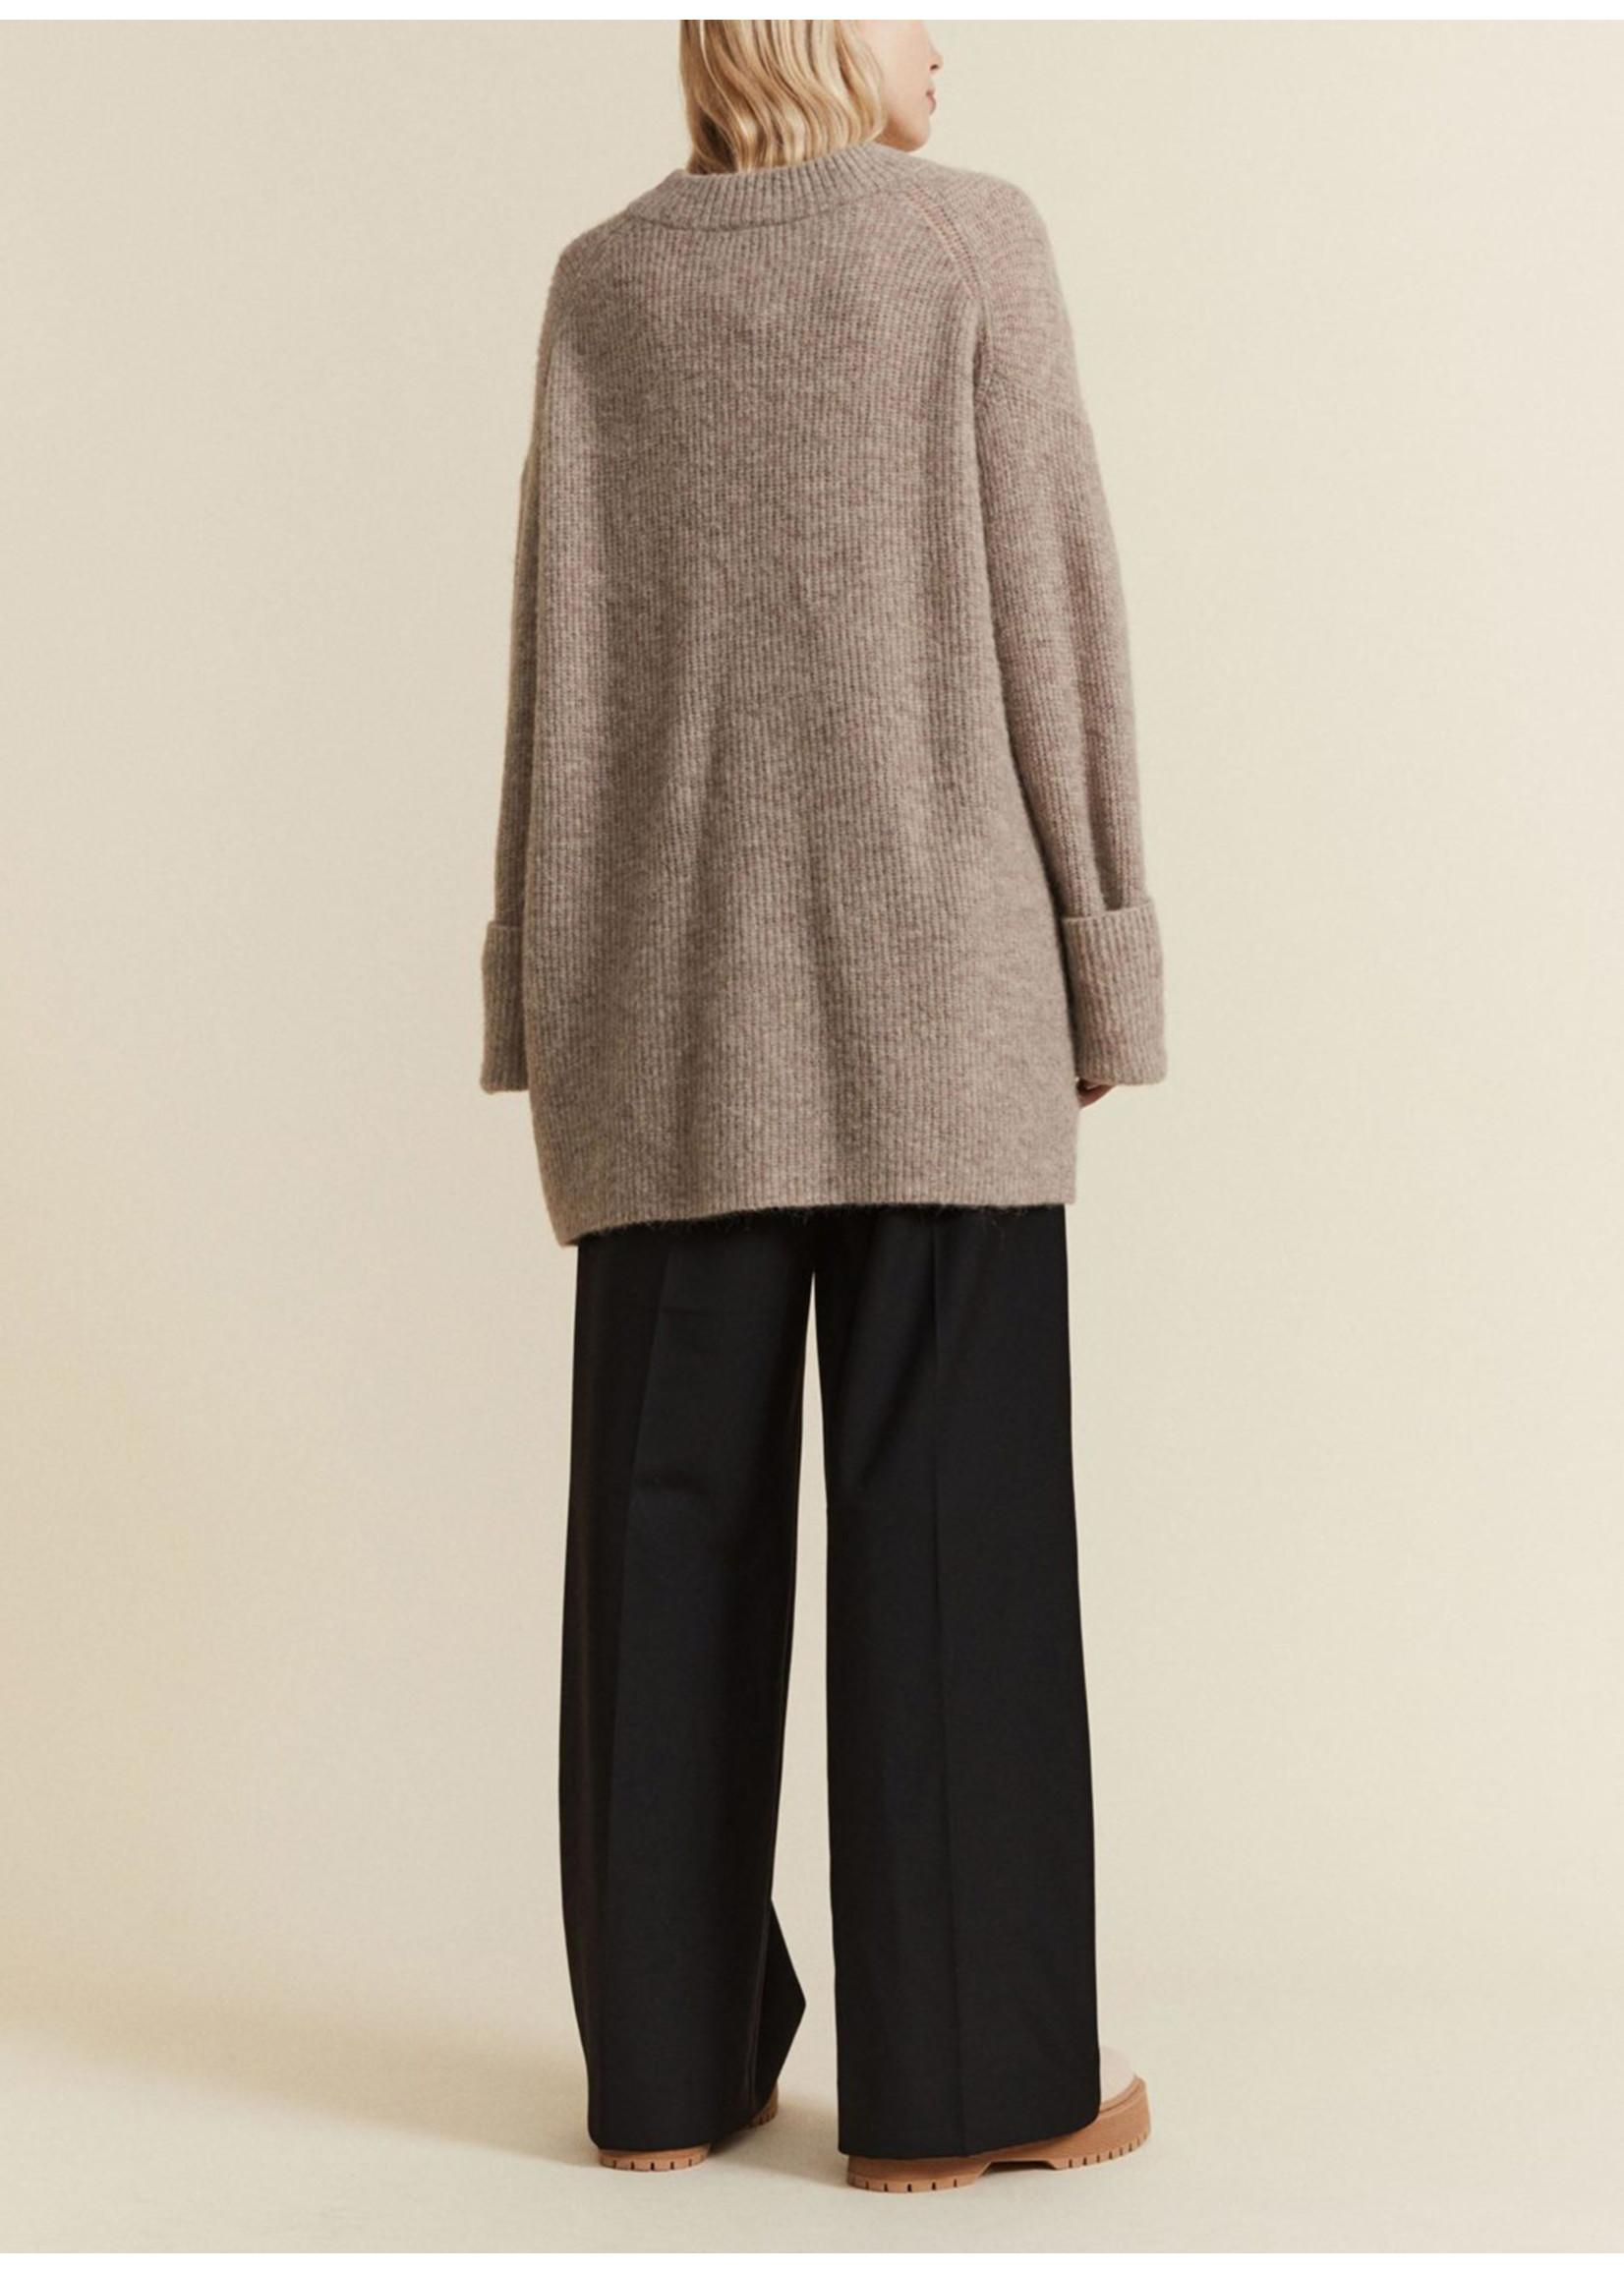 Malene Birger Cirla Knitwear Chantarelle